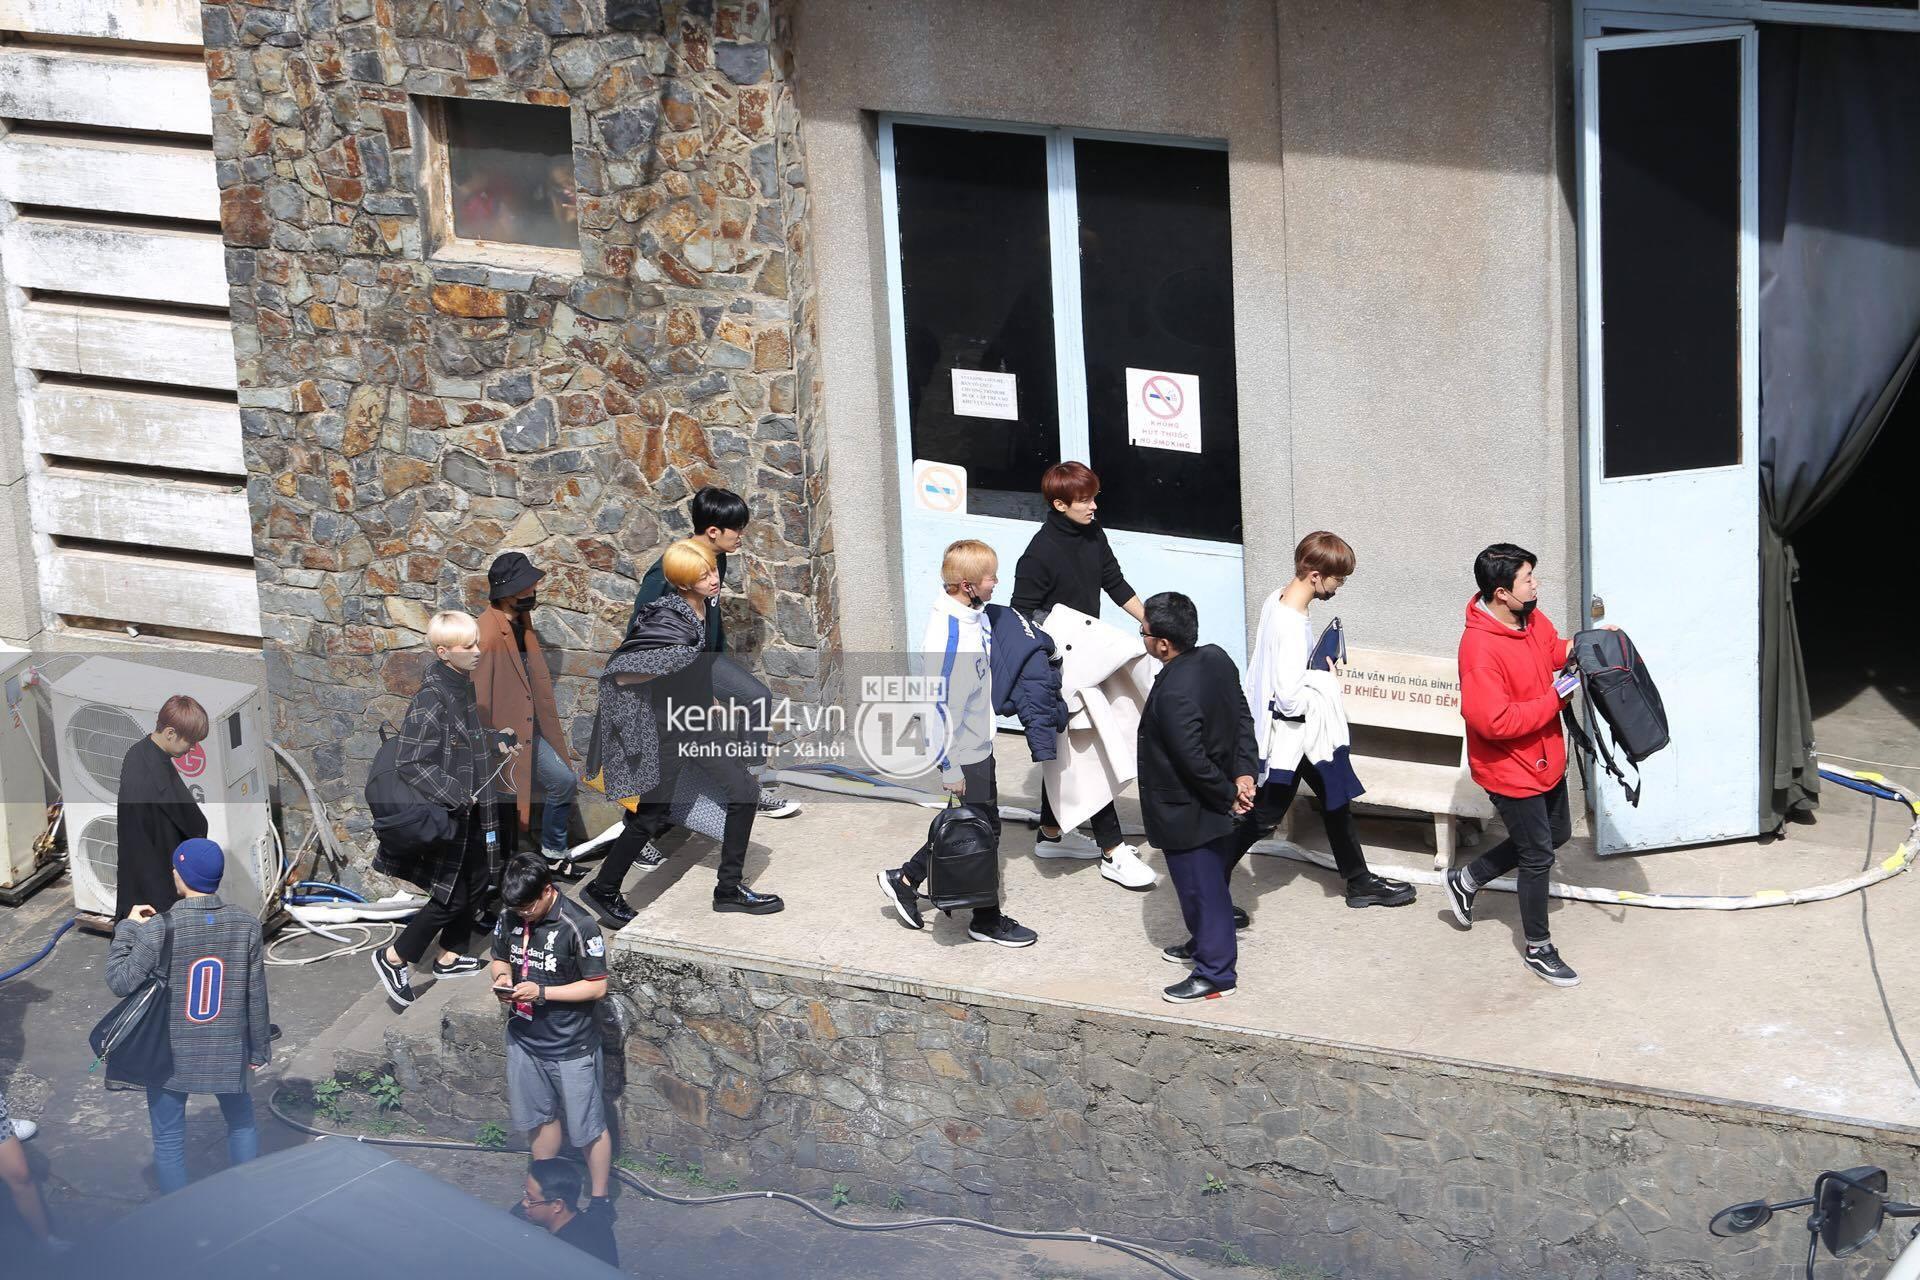 Vừa rời sân bay, Seventeen và Samuel đã đến ngay Nhà hát Hòa Bình để tổng duyệt MAMA 2017 giữa trưa nắng - Ảnh 12.